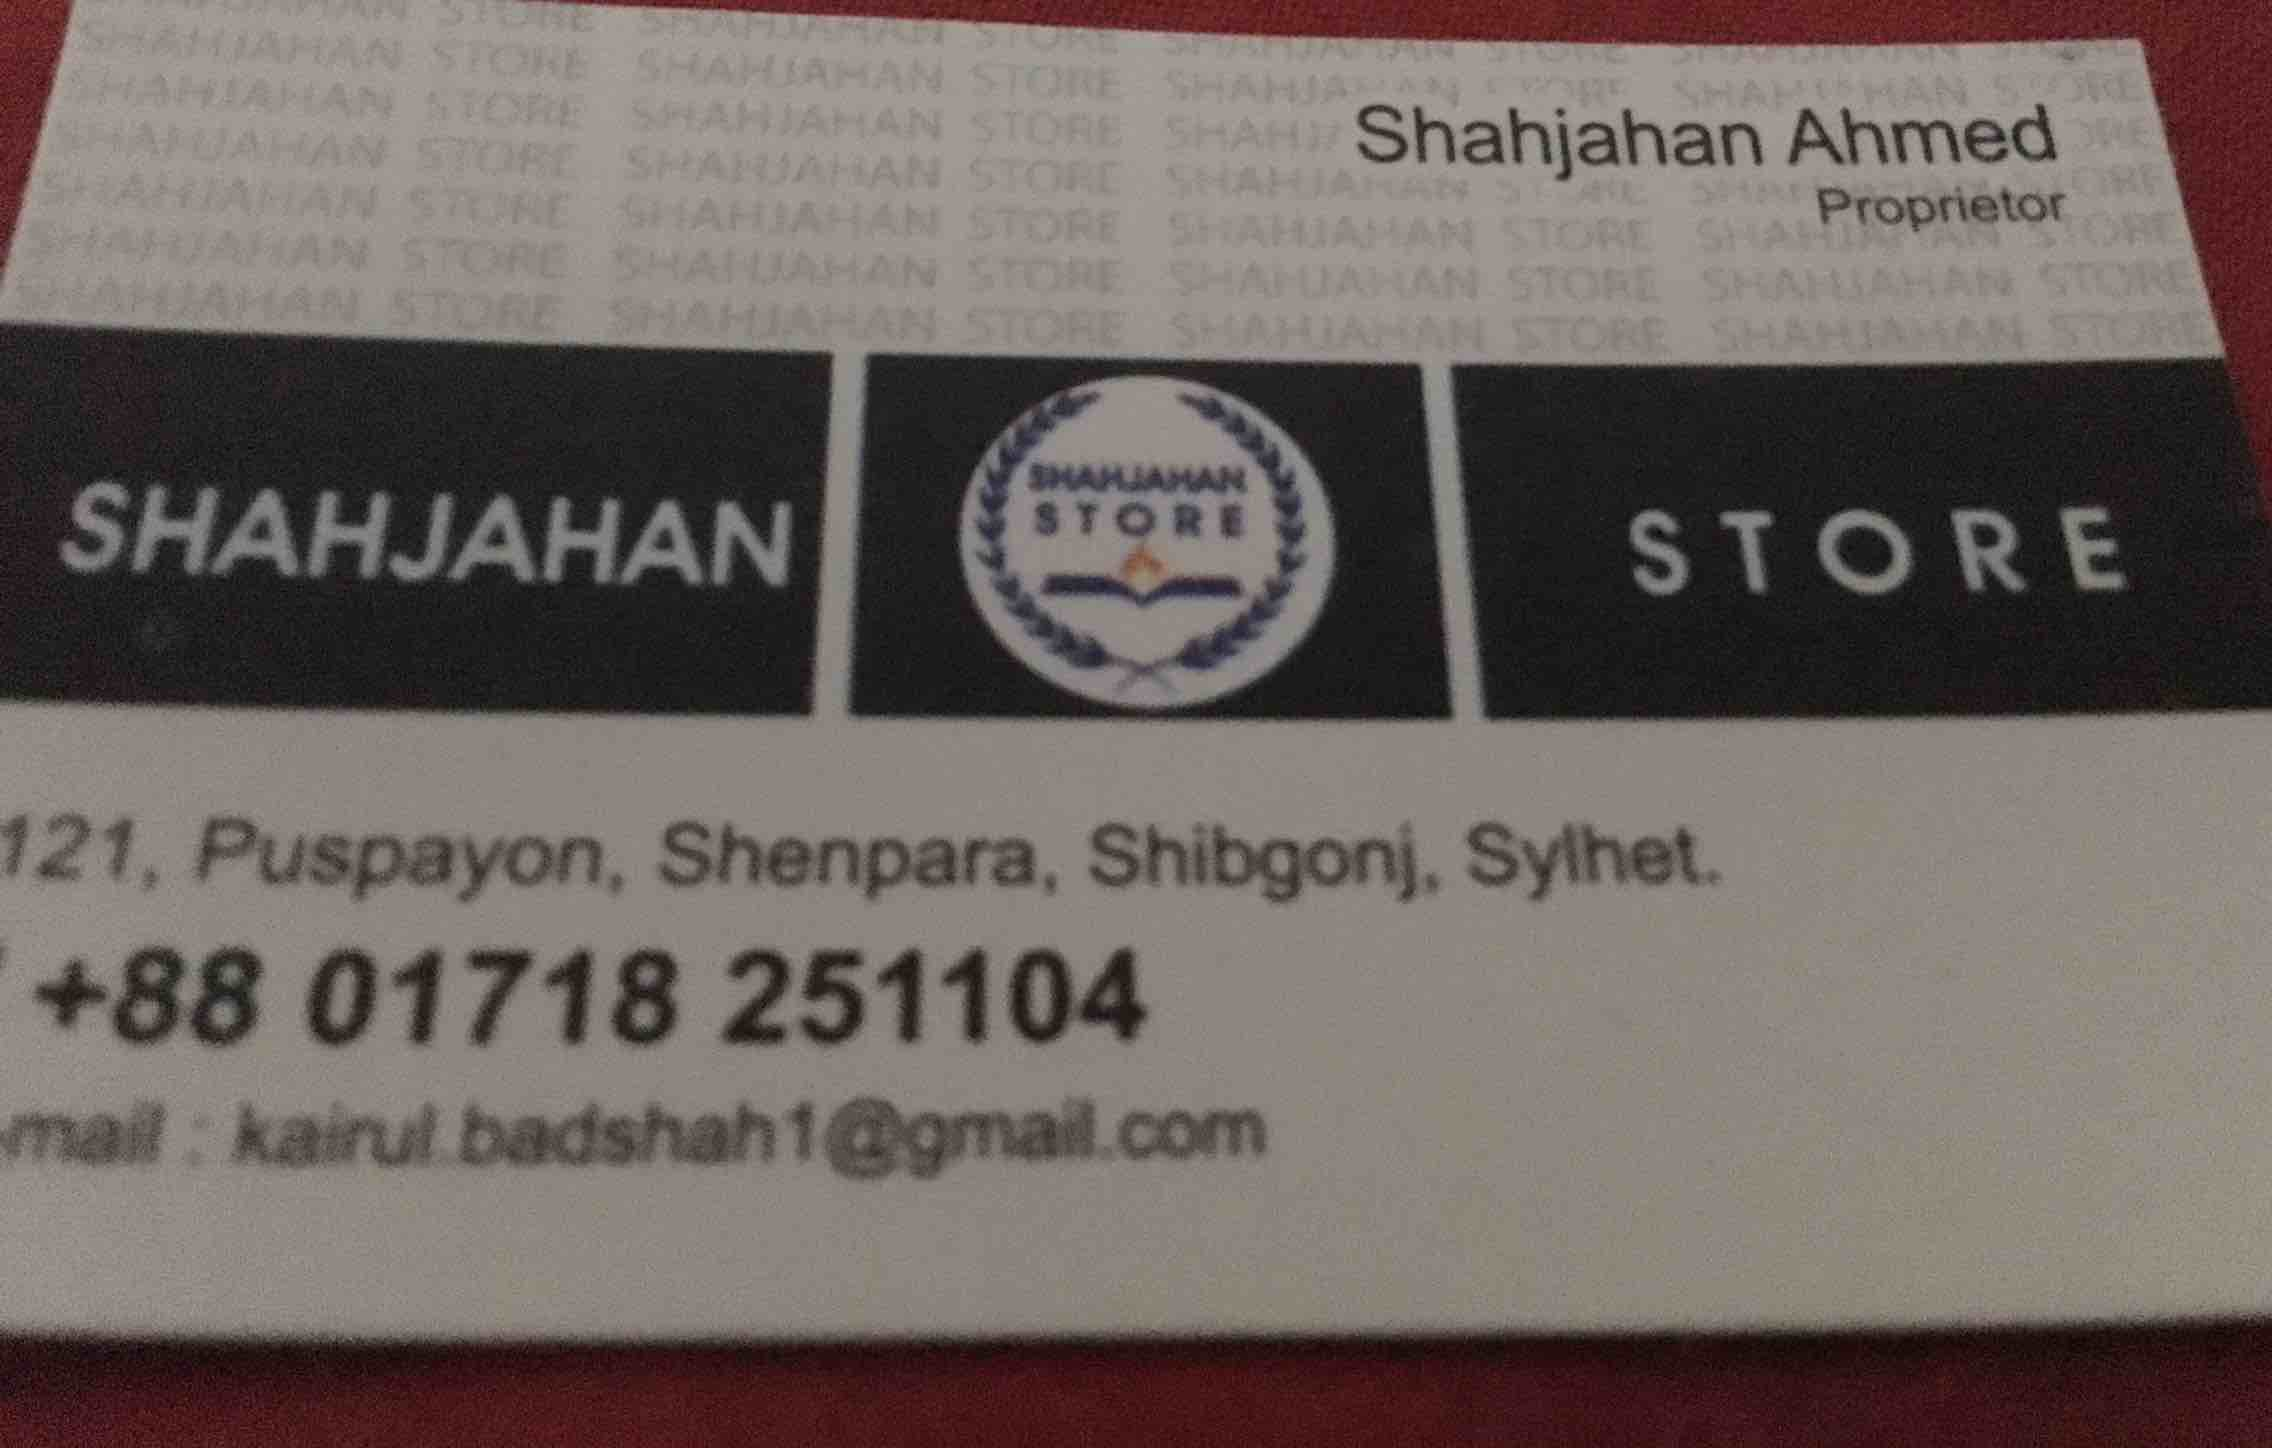 Shahjahan store